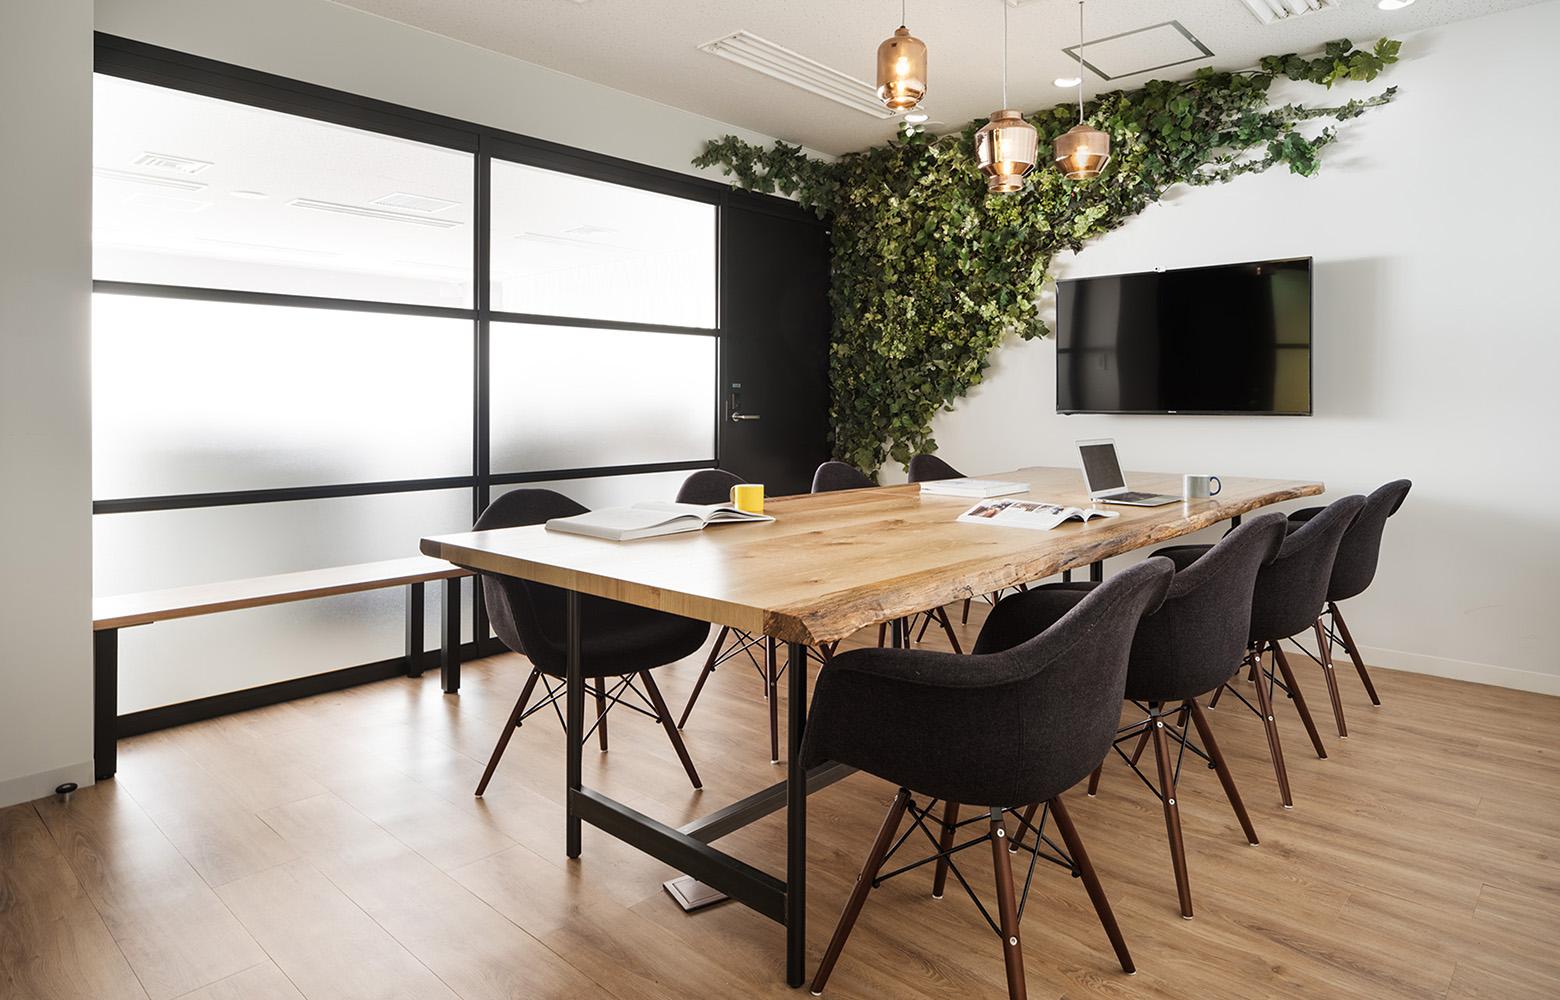 株式会社RDサポート Meeting Space デザイン・レイアウト事例